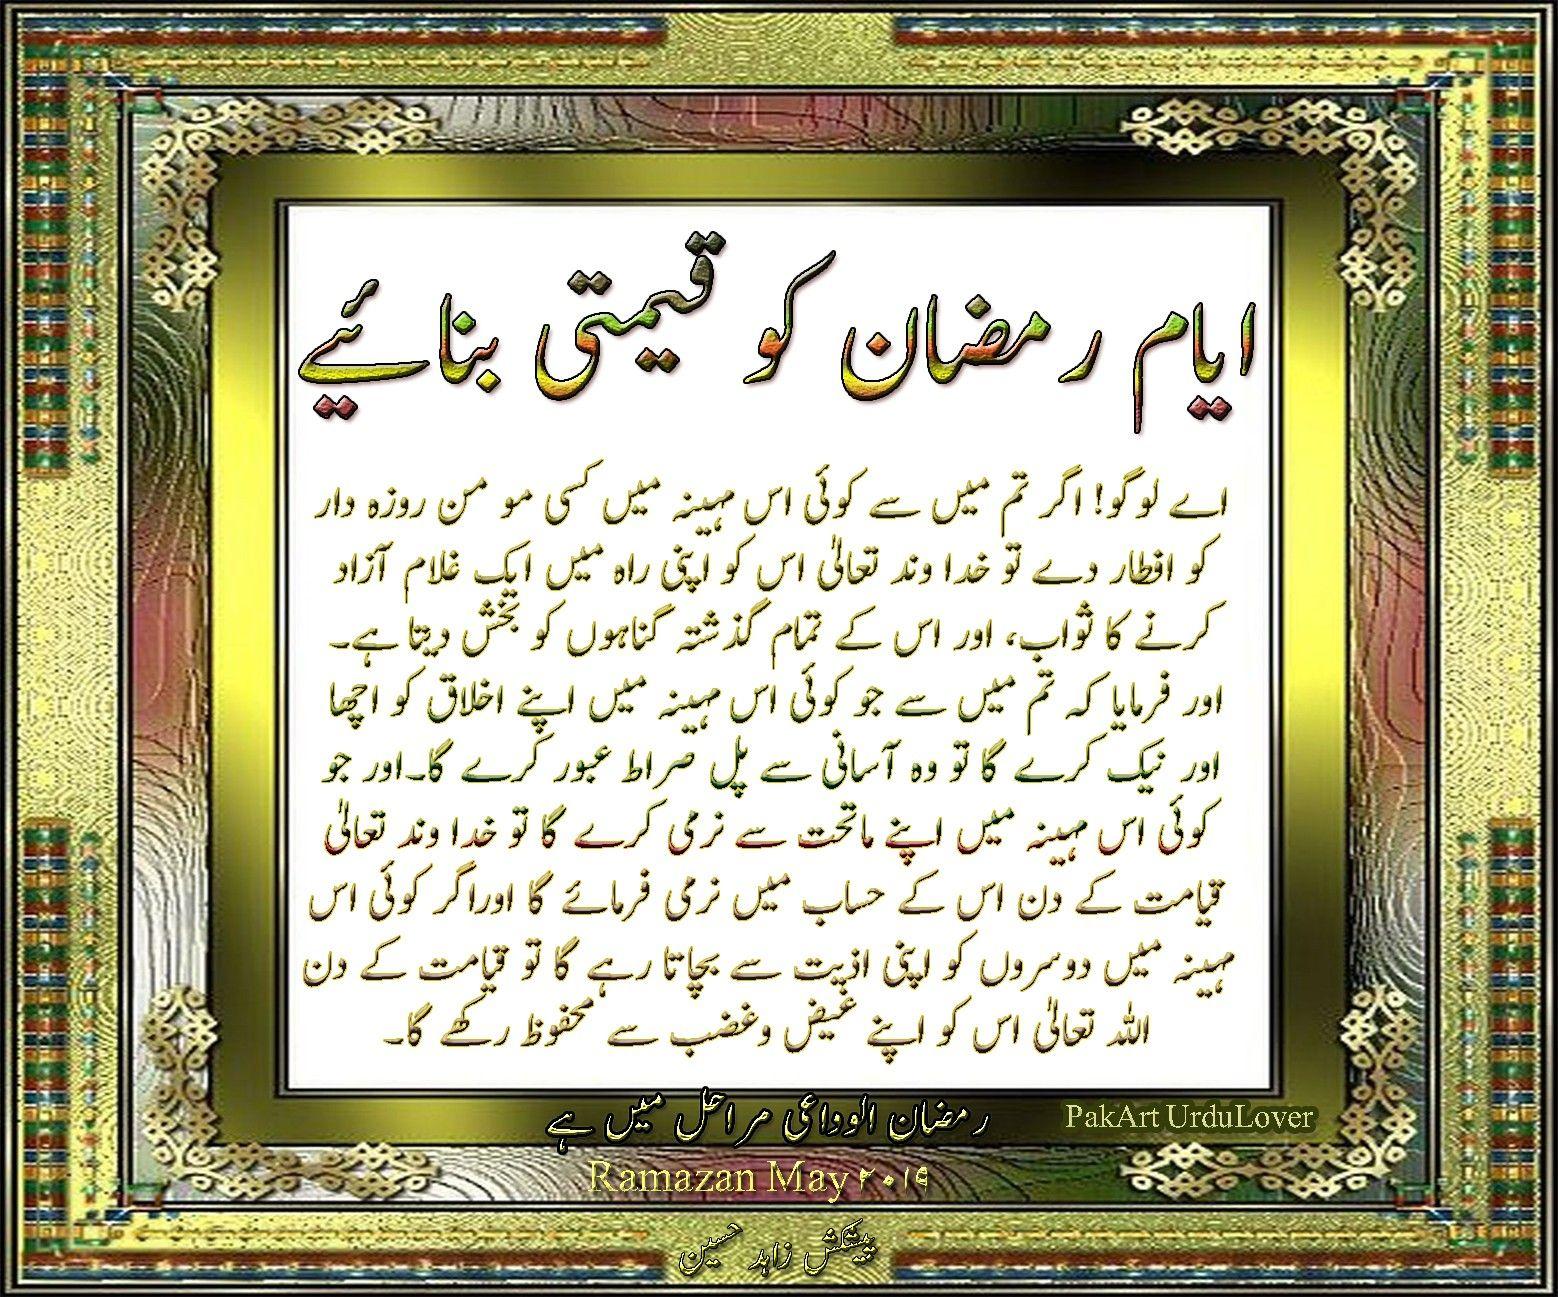 ایام رمضان کو قیمتی بنائیے Ramadan Quotes Islamic Love Quotes Image Poetry